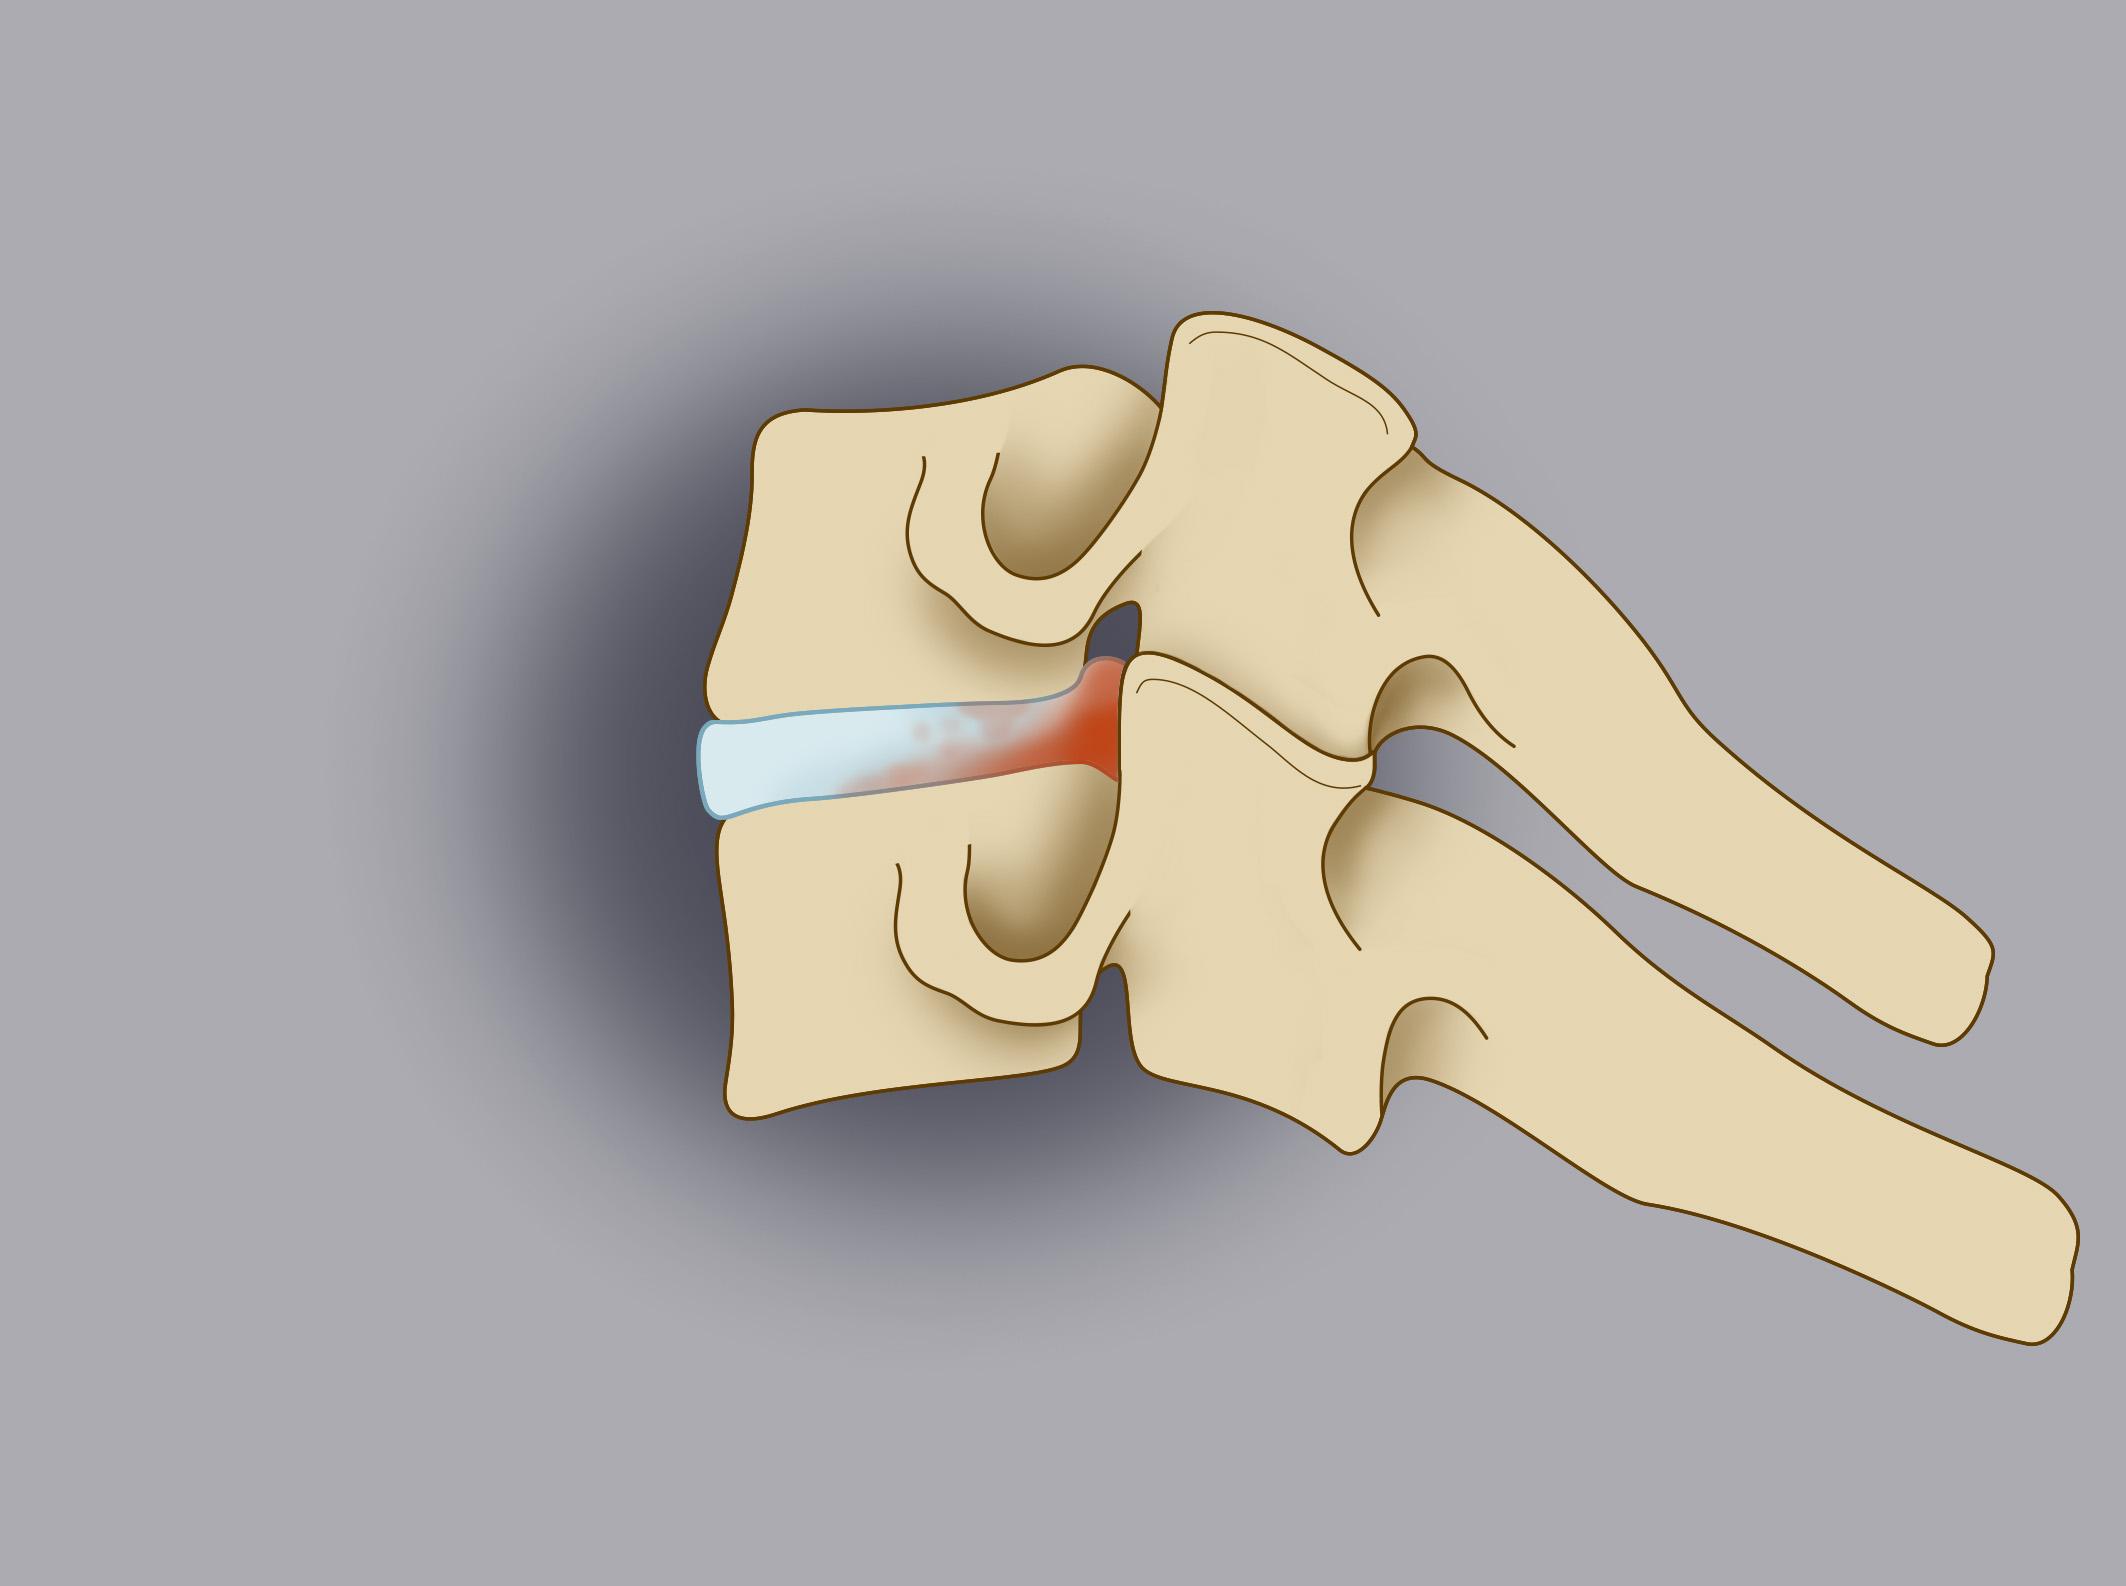 Trattamento chirurgico delle ernie cervicali 1/3. Nel disegno è evidenziato il disco cartilagineo patologico posto tra due vertebre cervicali.